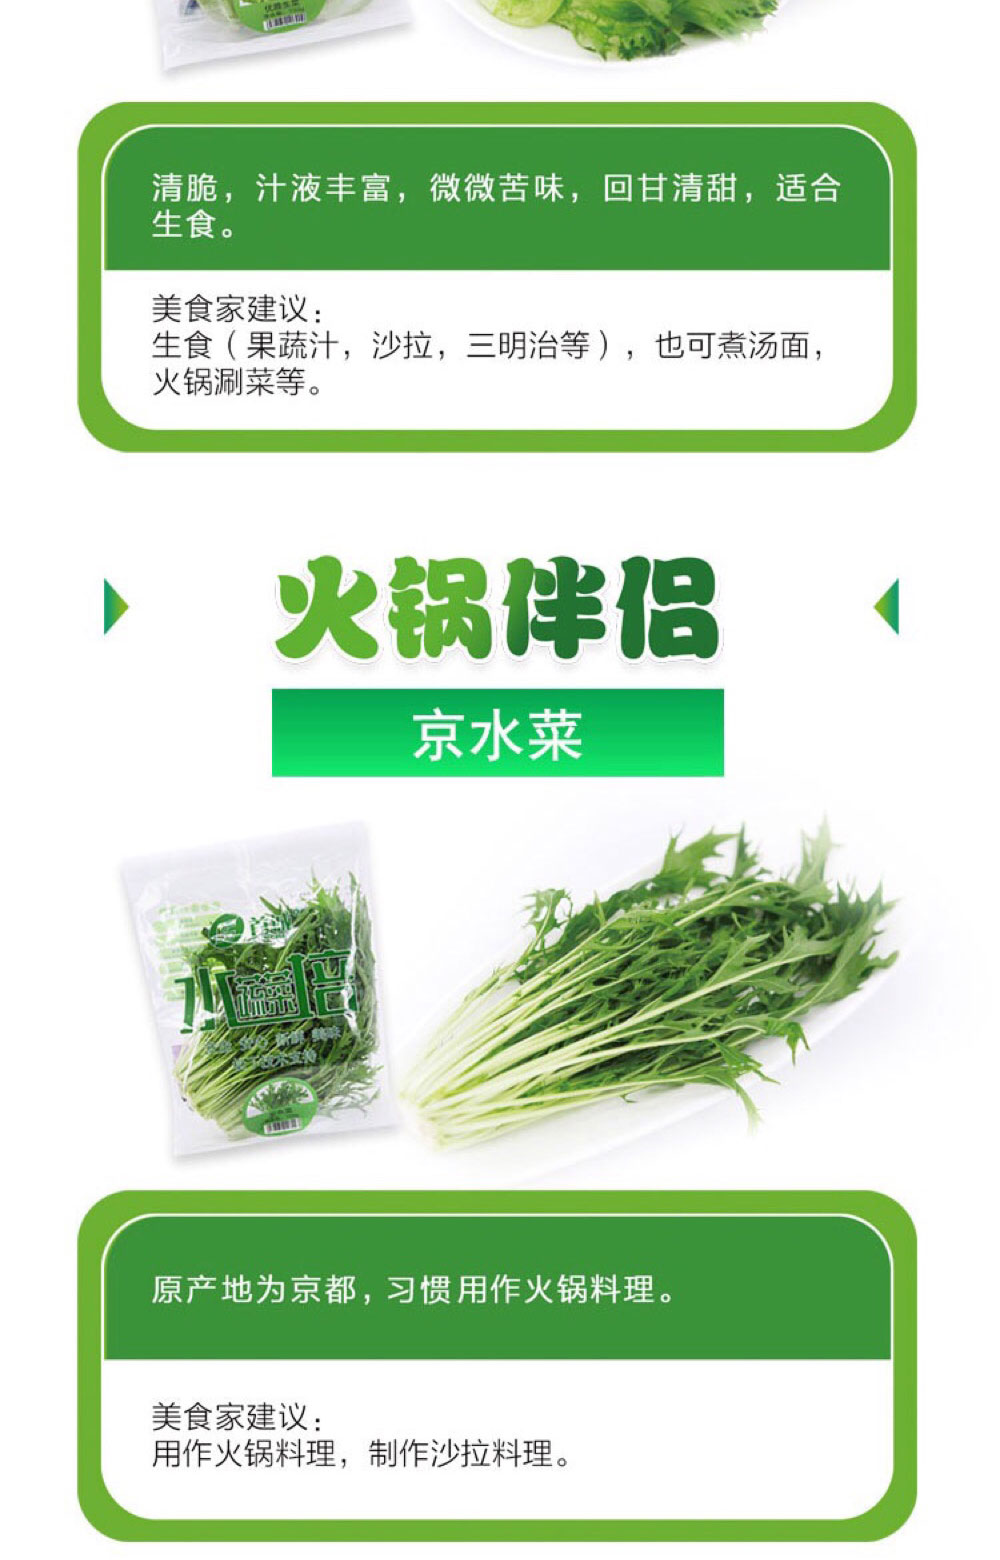 航天级食品|菊苣|蛹虫草|果汁饮品